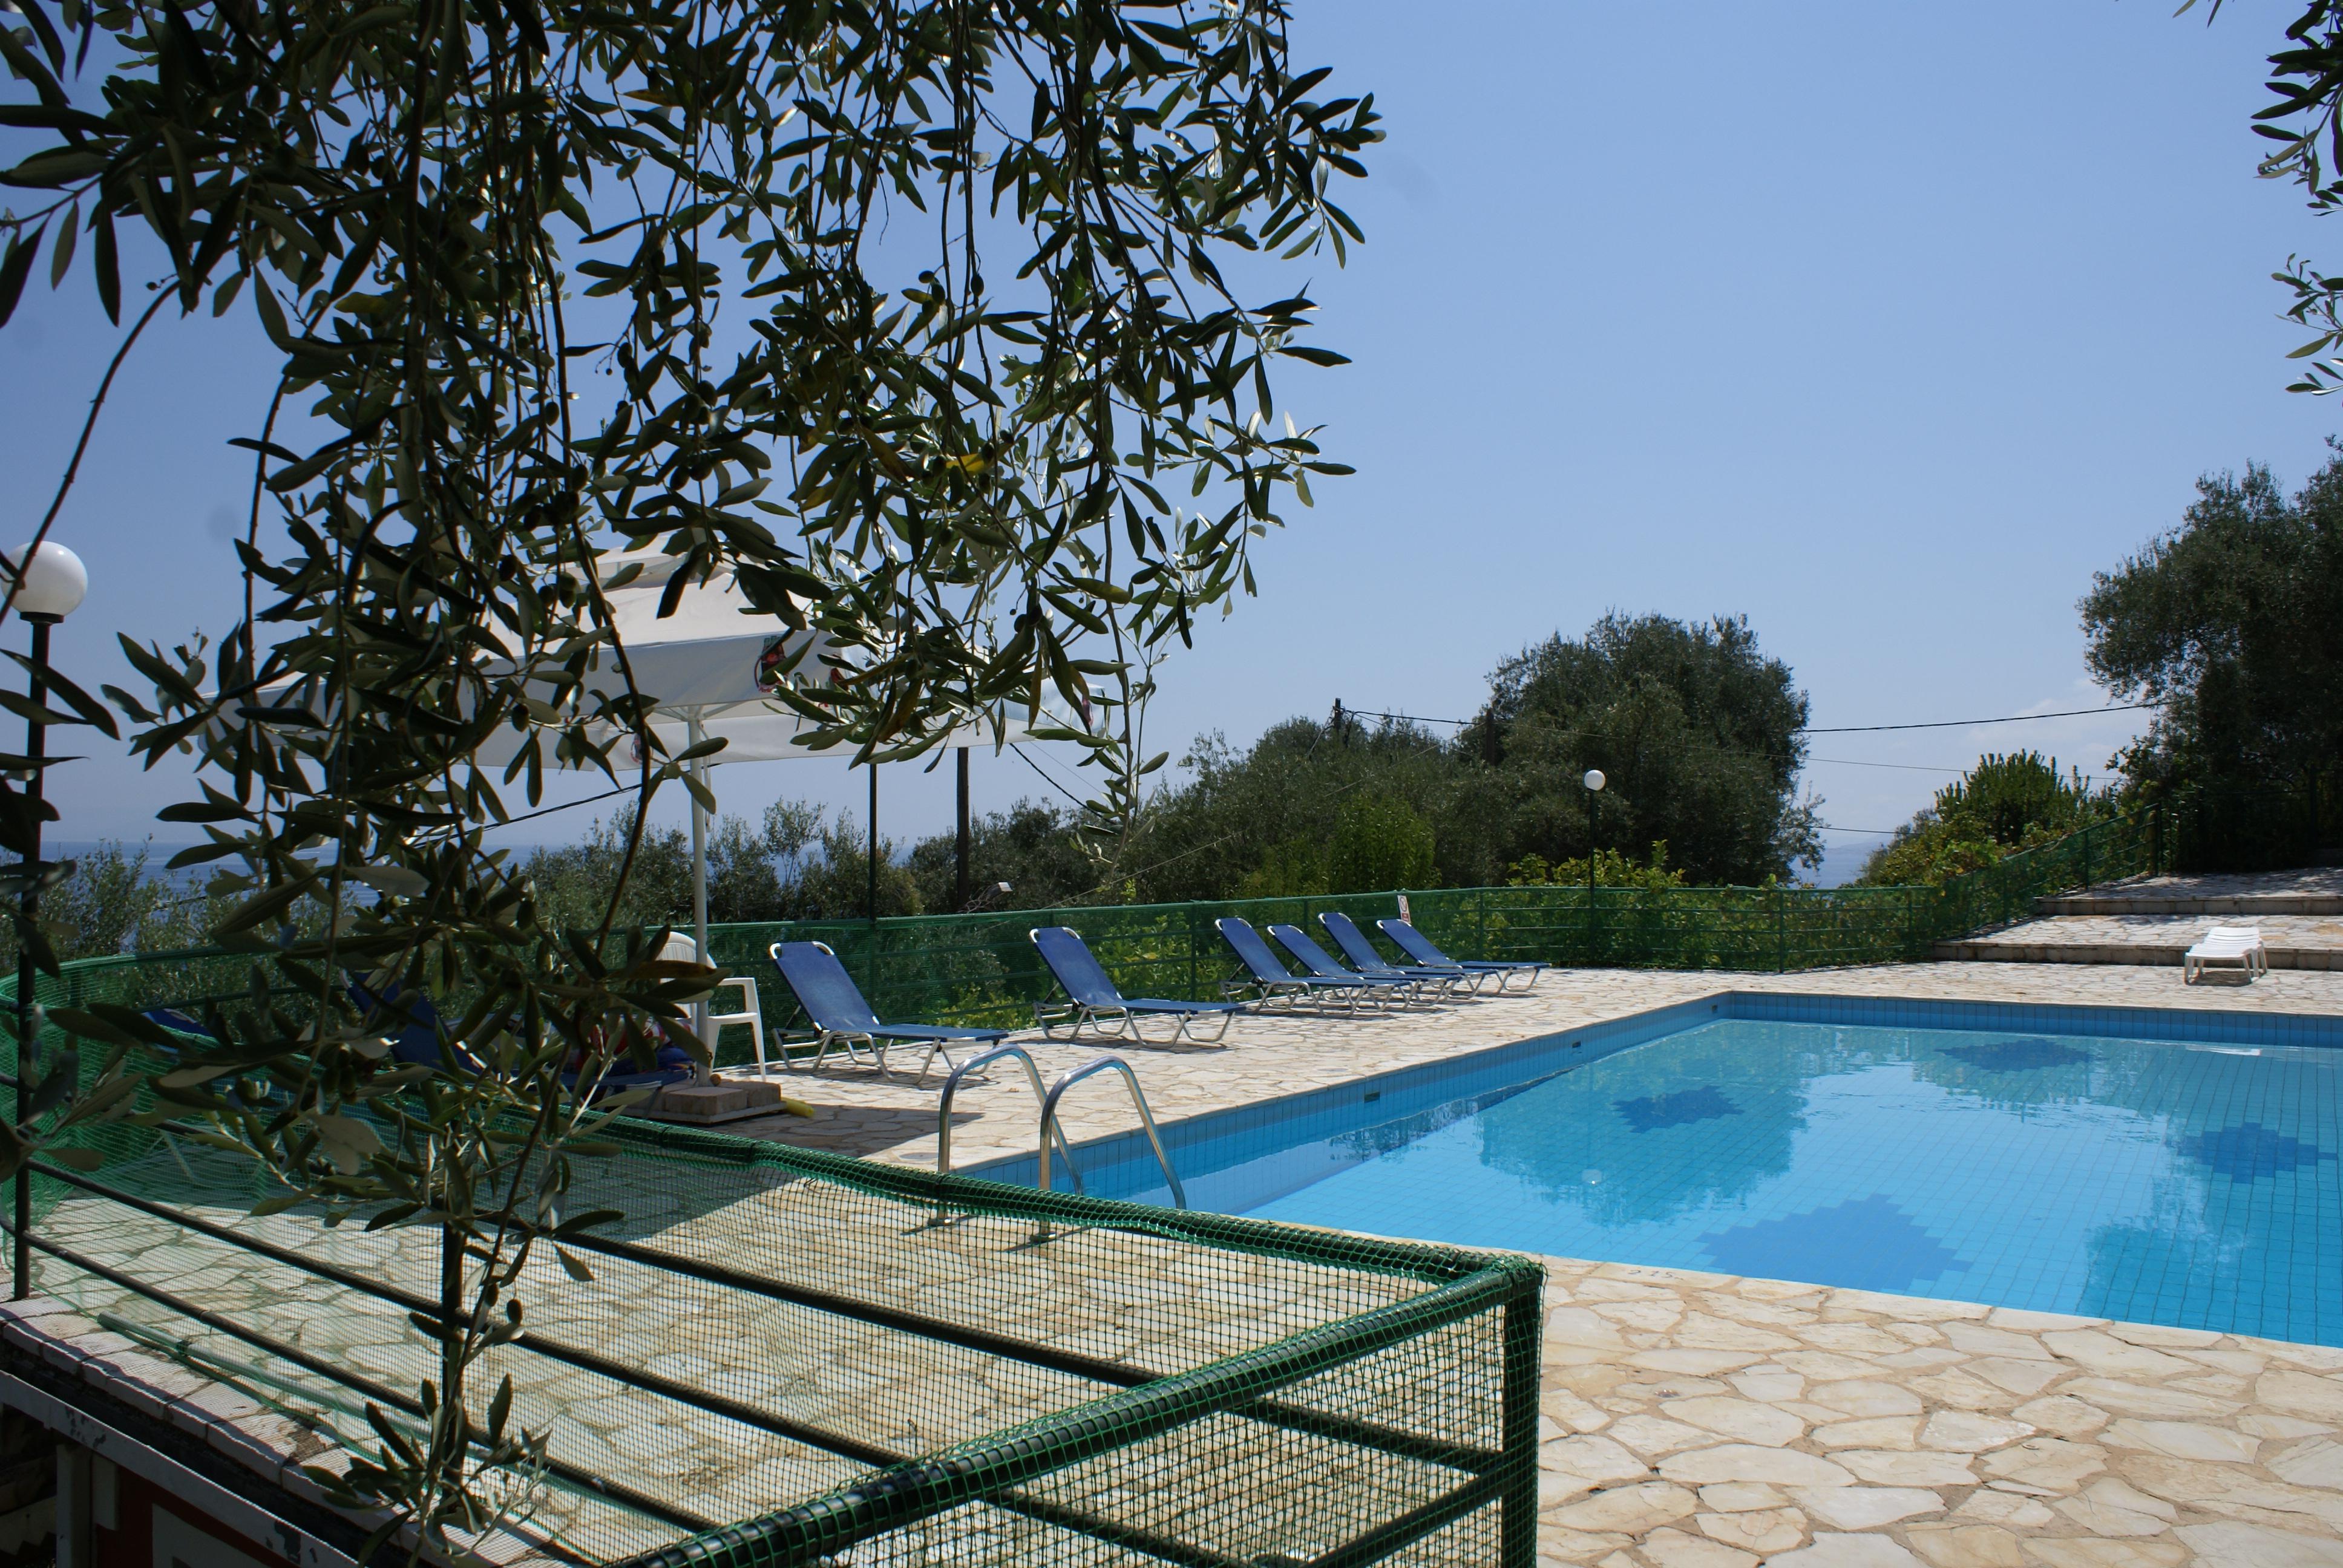 Pool - Balkon - Korfu Ferienhaus Villa Adonis mit Pool, Nissaki, KorfuCorfu.de